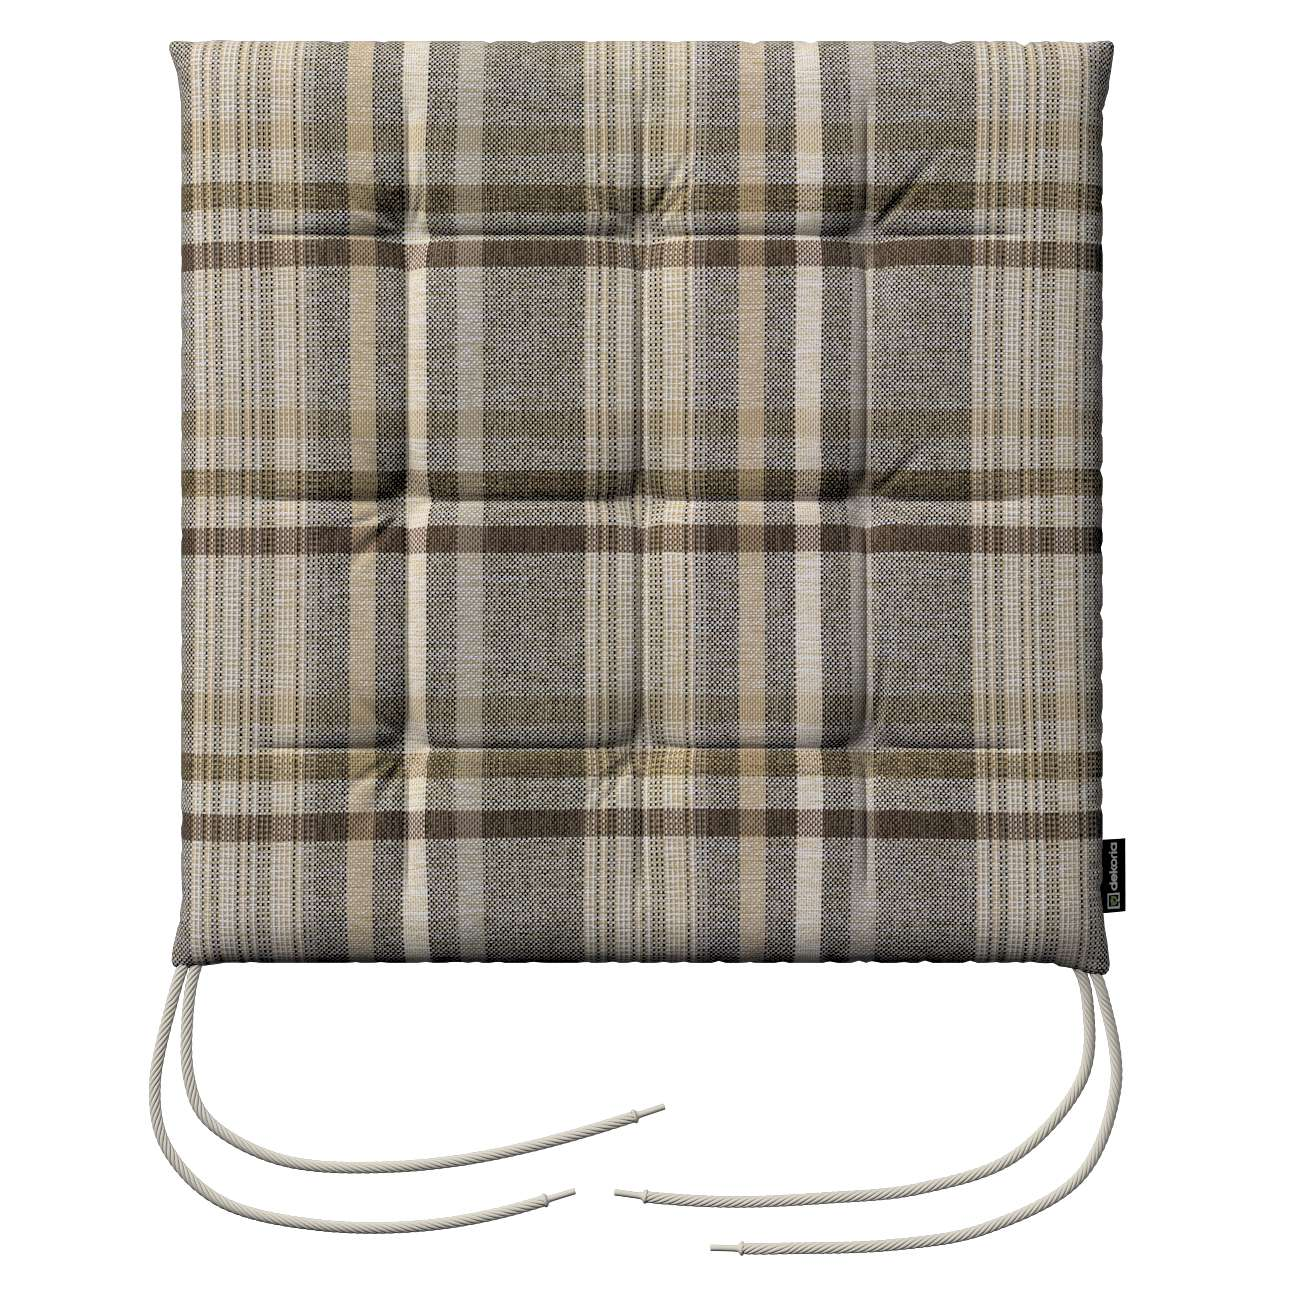 Siedzisko Karol na krzesło w kolekcji Edinburgh, tkanina: 703-17